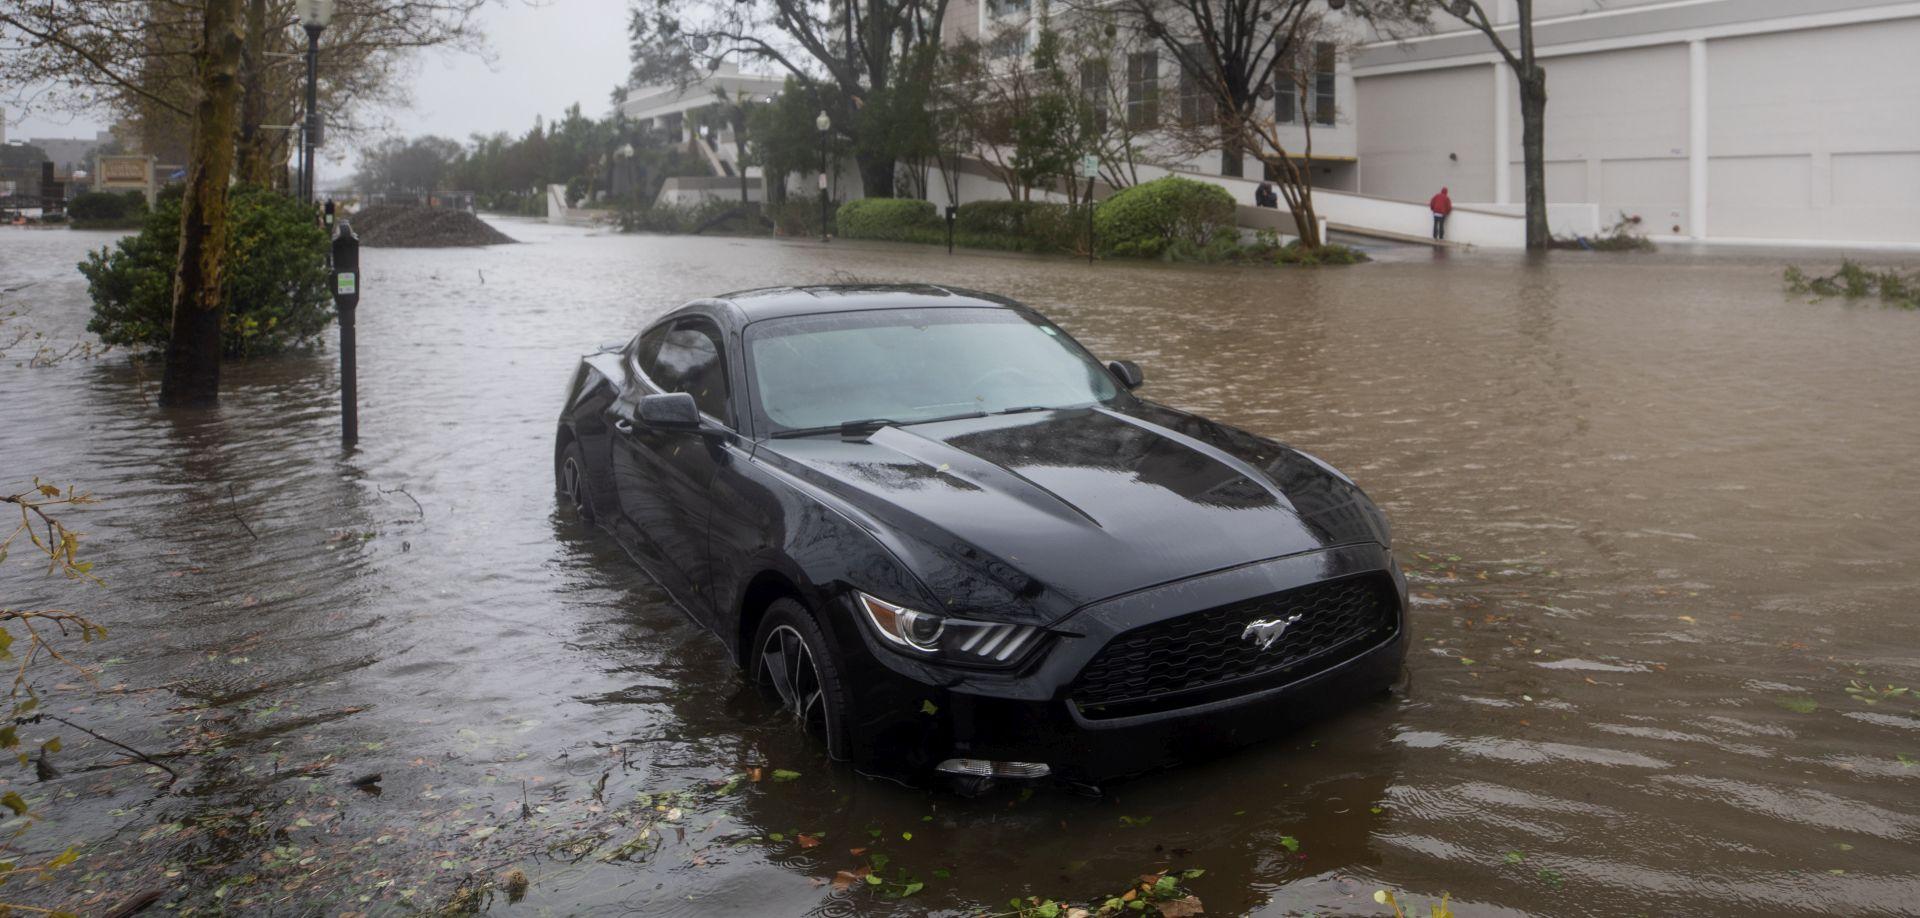 IAKO SLABI Florence i dalje uzrokuje poplave